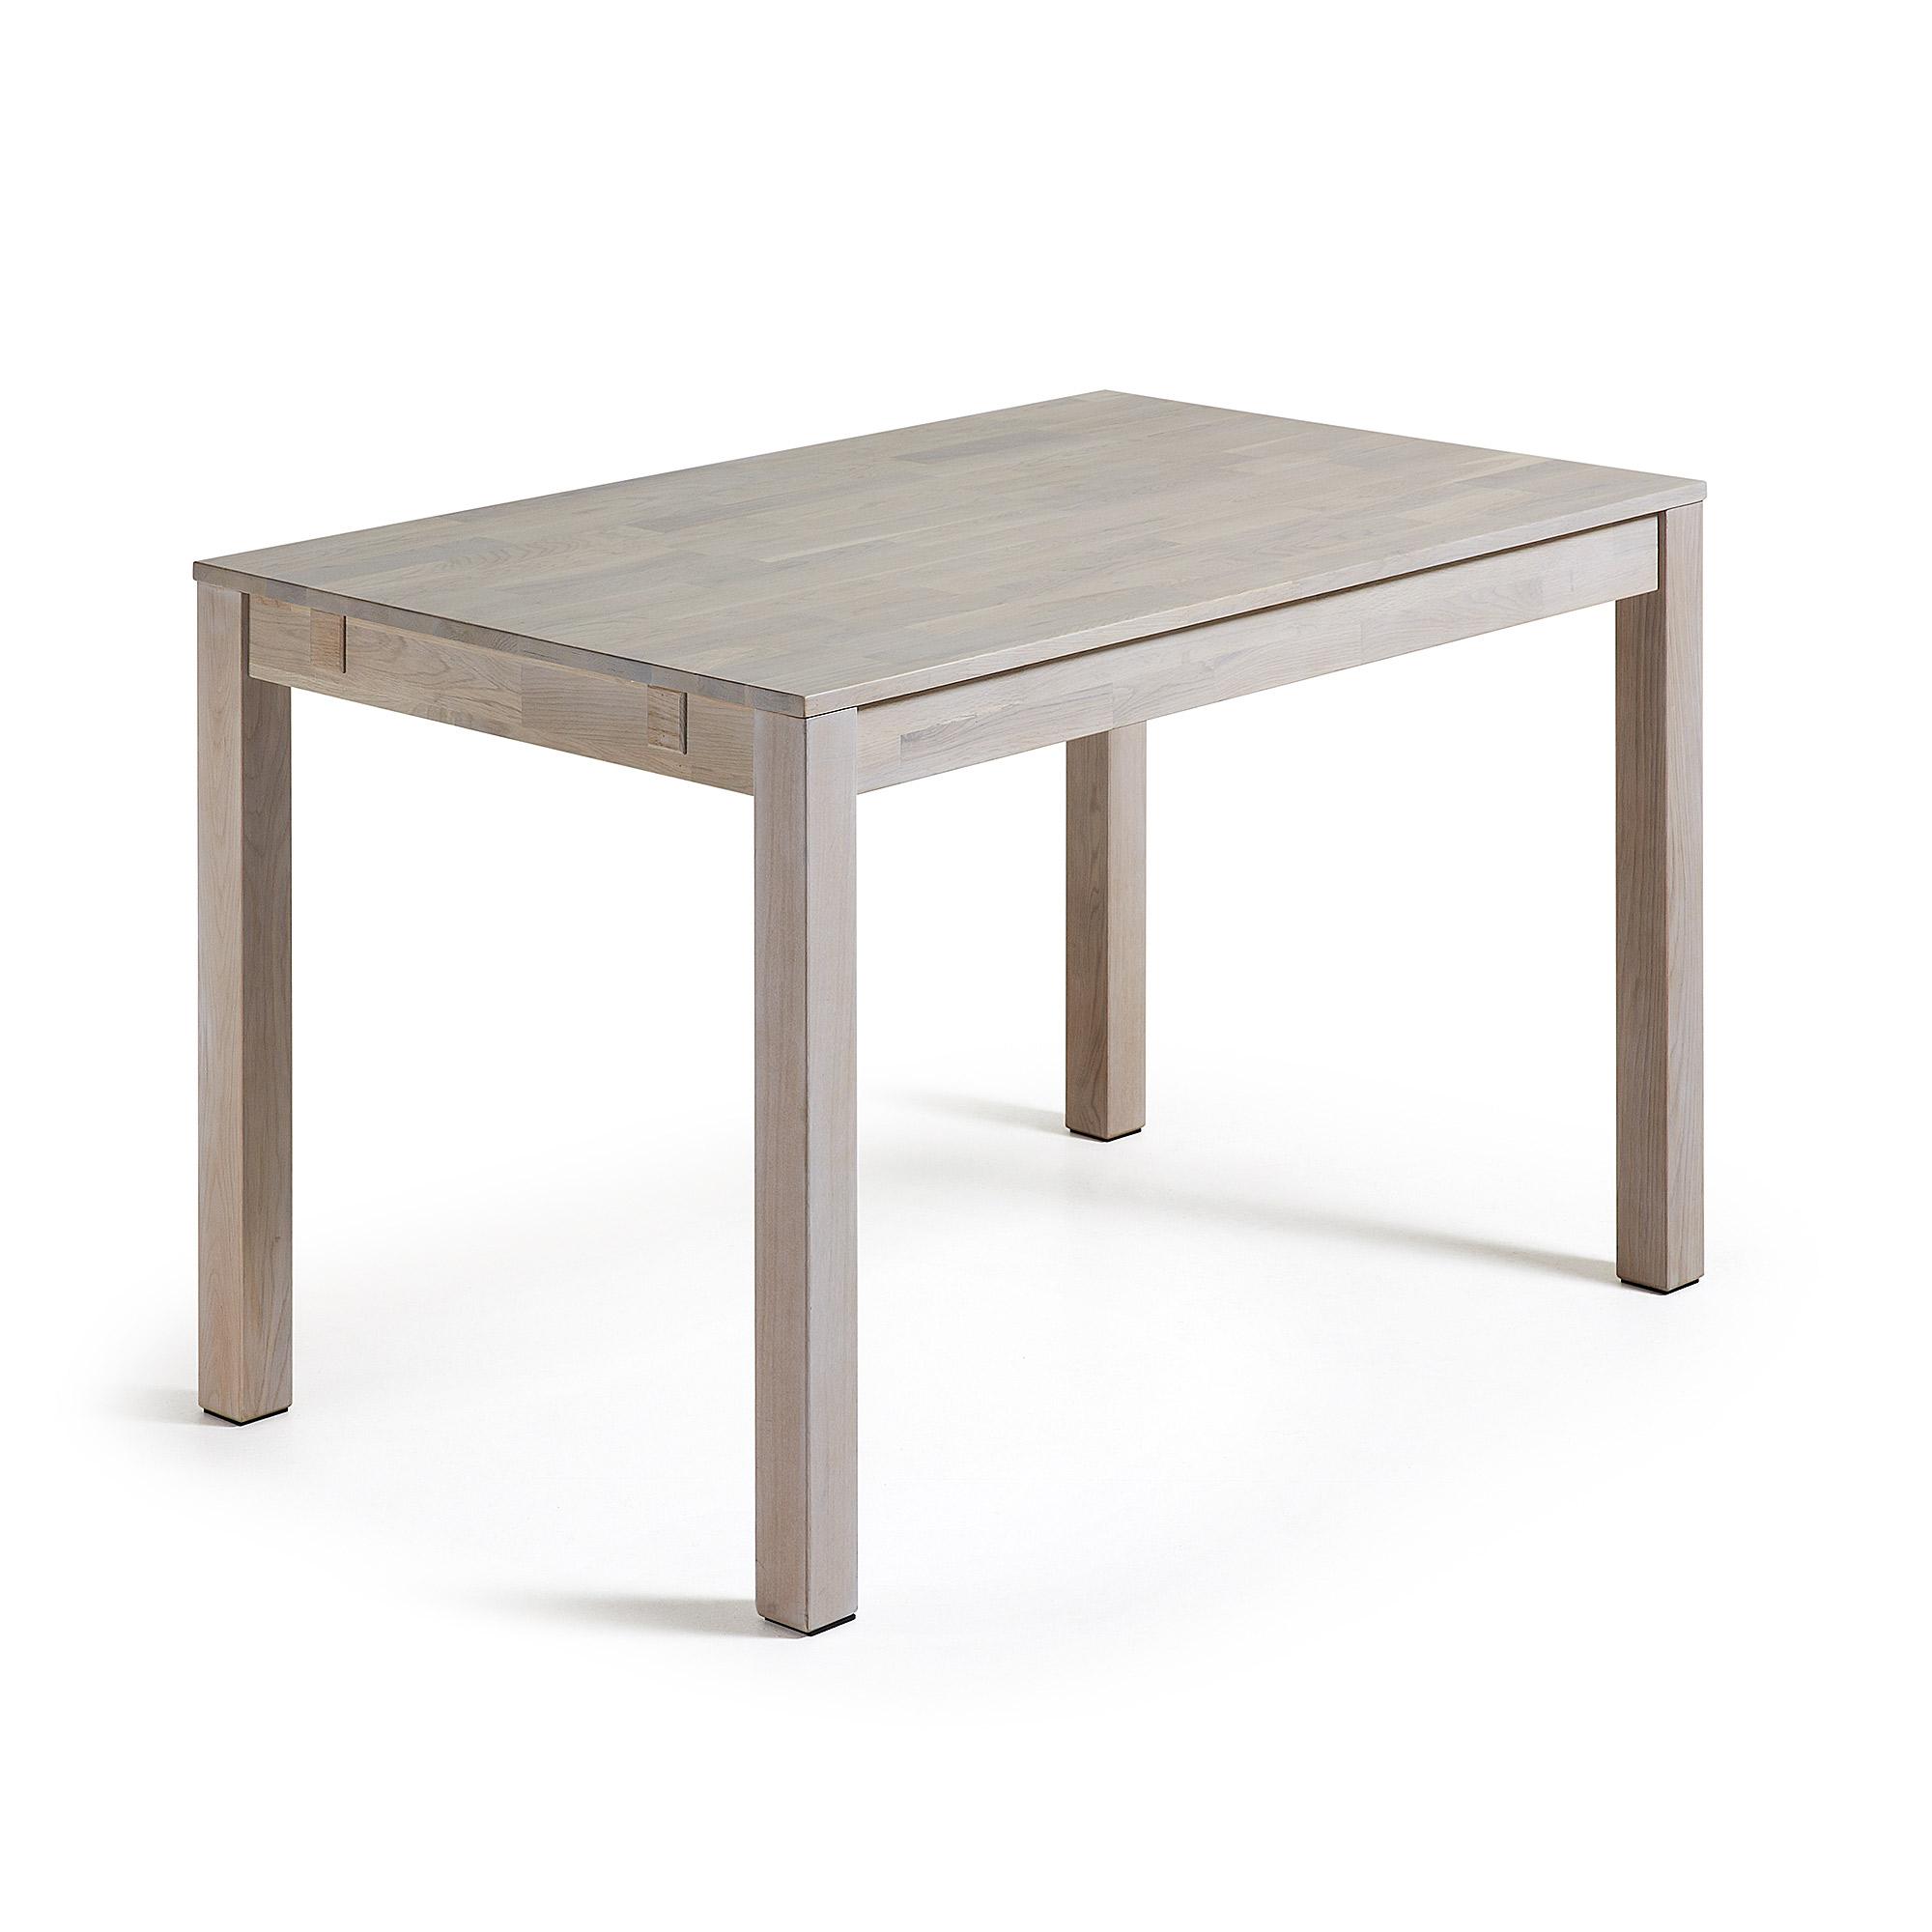 LAFORMA Indra spisebord - hvidvasket egetræ, m. udtræk, rektangulær (120x75)